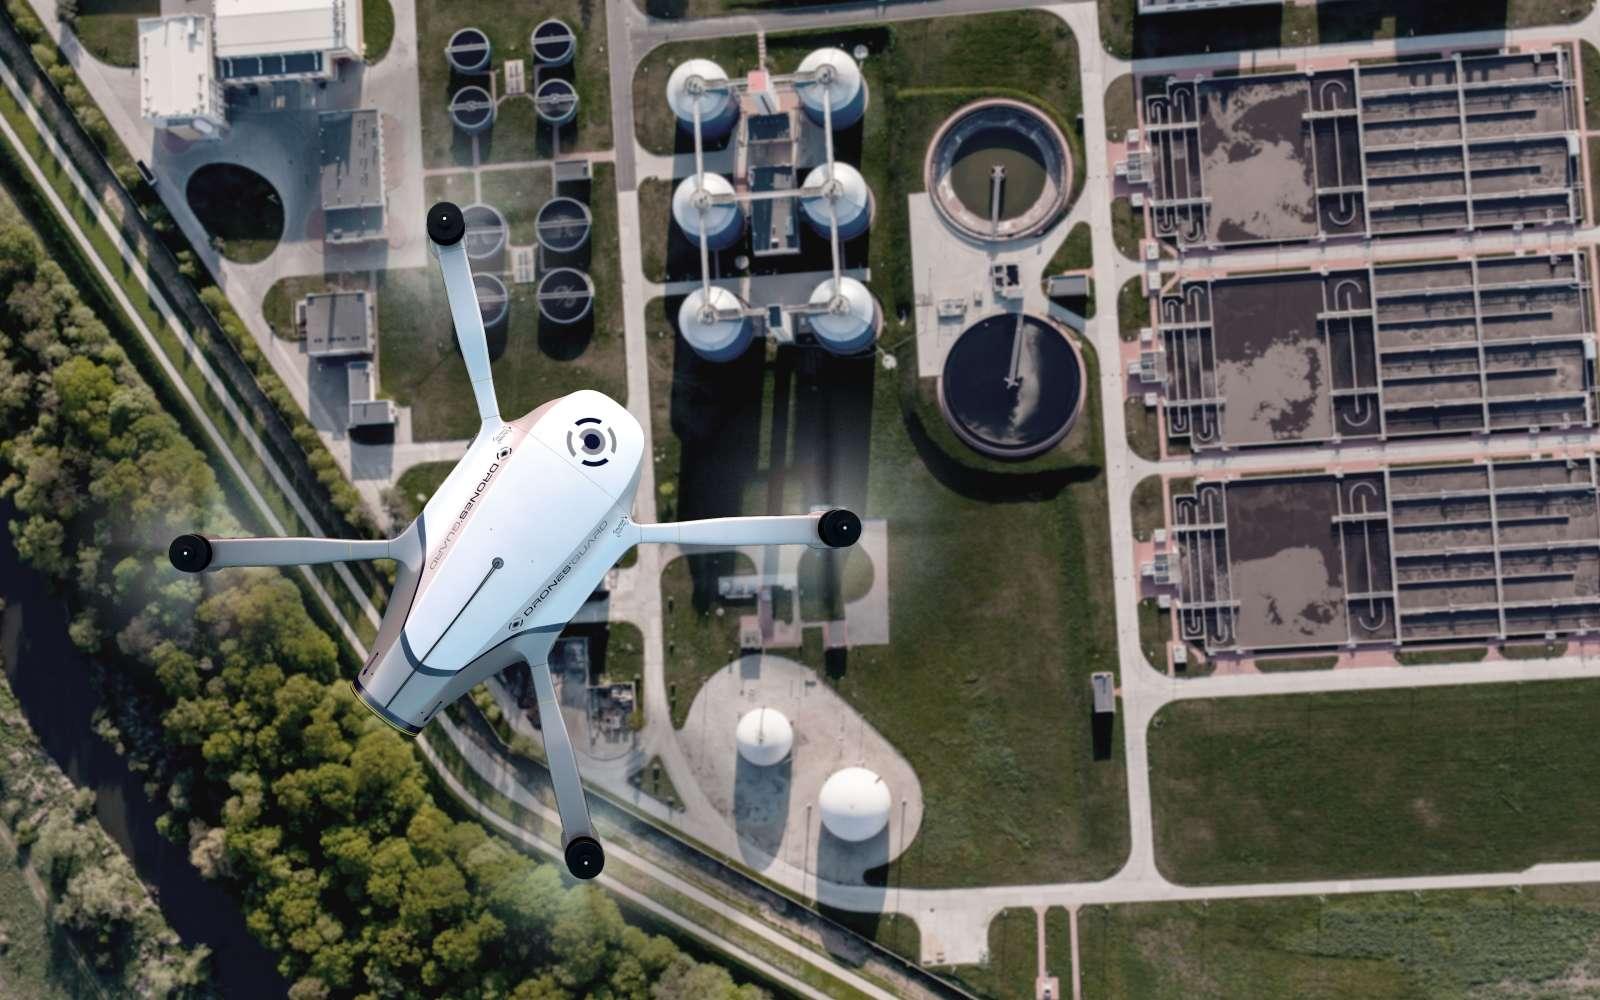 Azur Drones compte proposer son drone autonome homologué à des société privées de sécurité comme Securitas, Garda, Seris... © Azur Drones